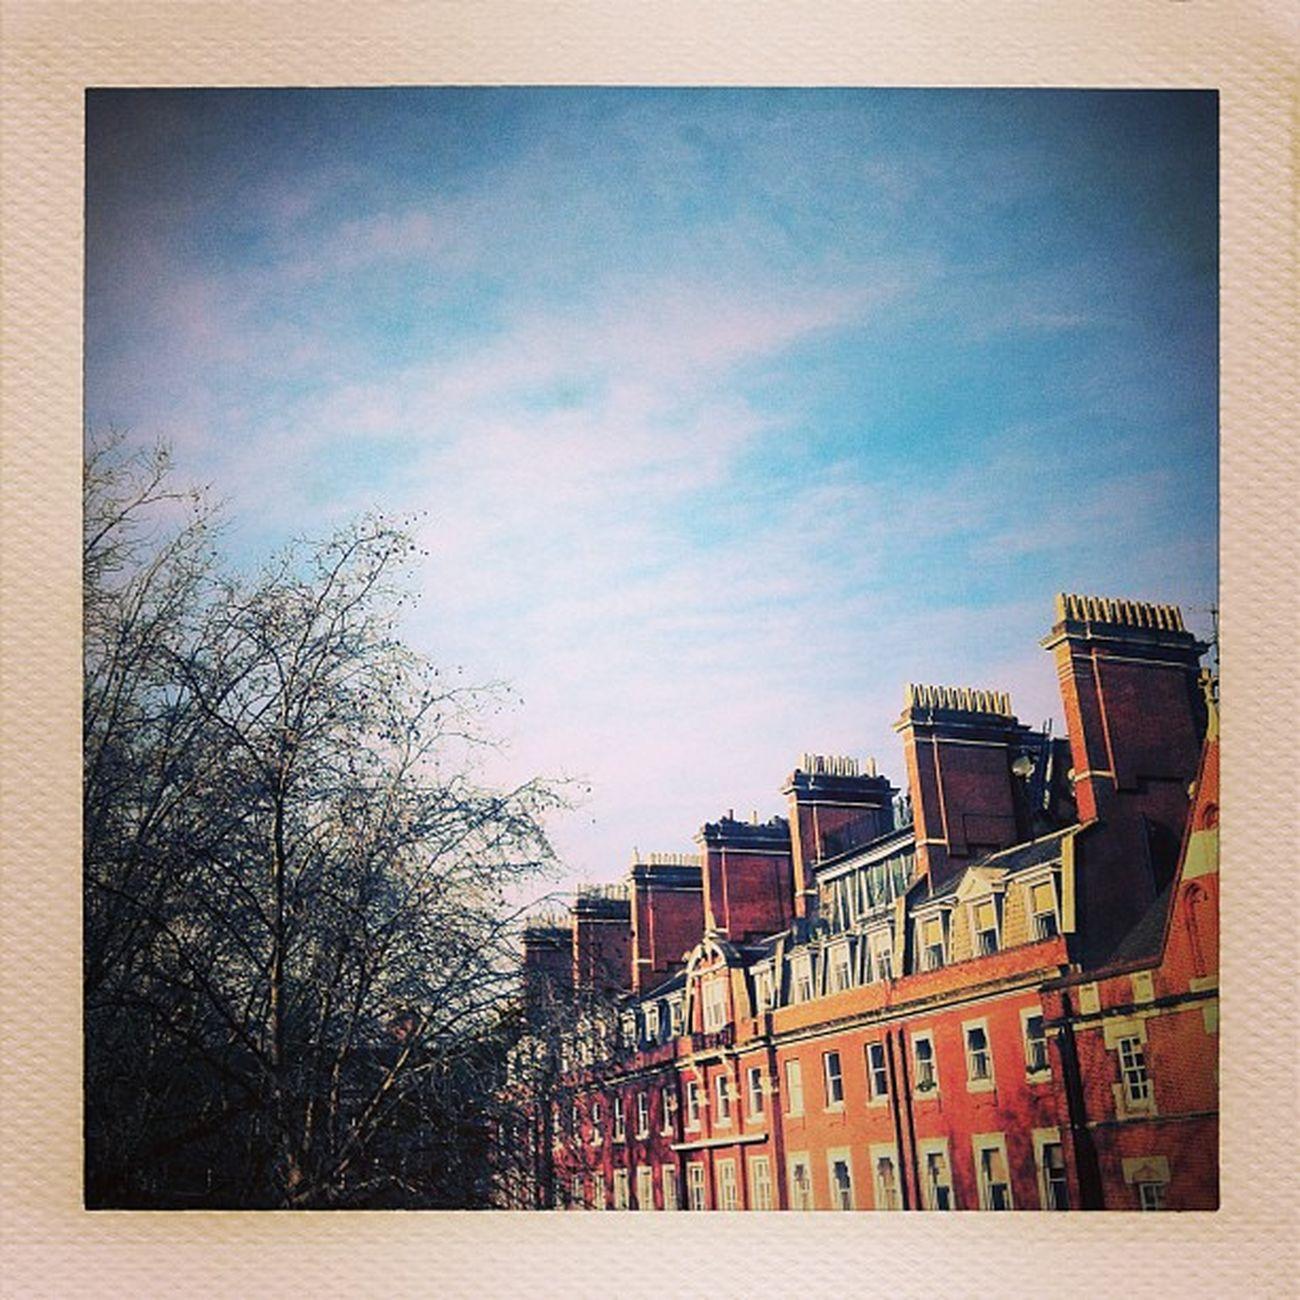 London Cadogan Marypoppins Sunny sky clean morning luckyfella chim-chimney